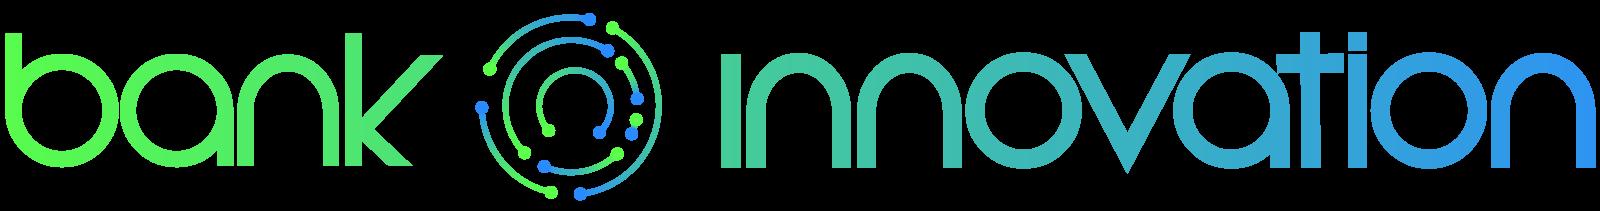 BI logo 2017 2